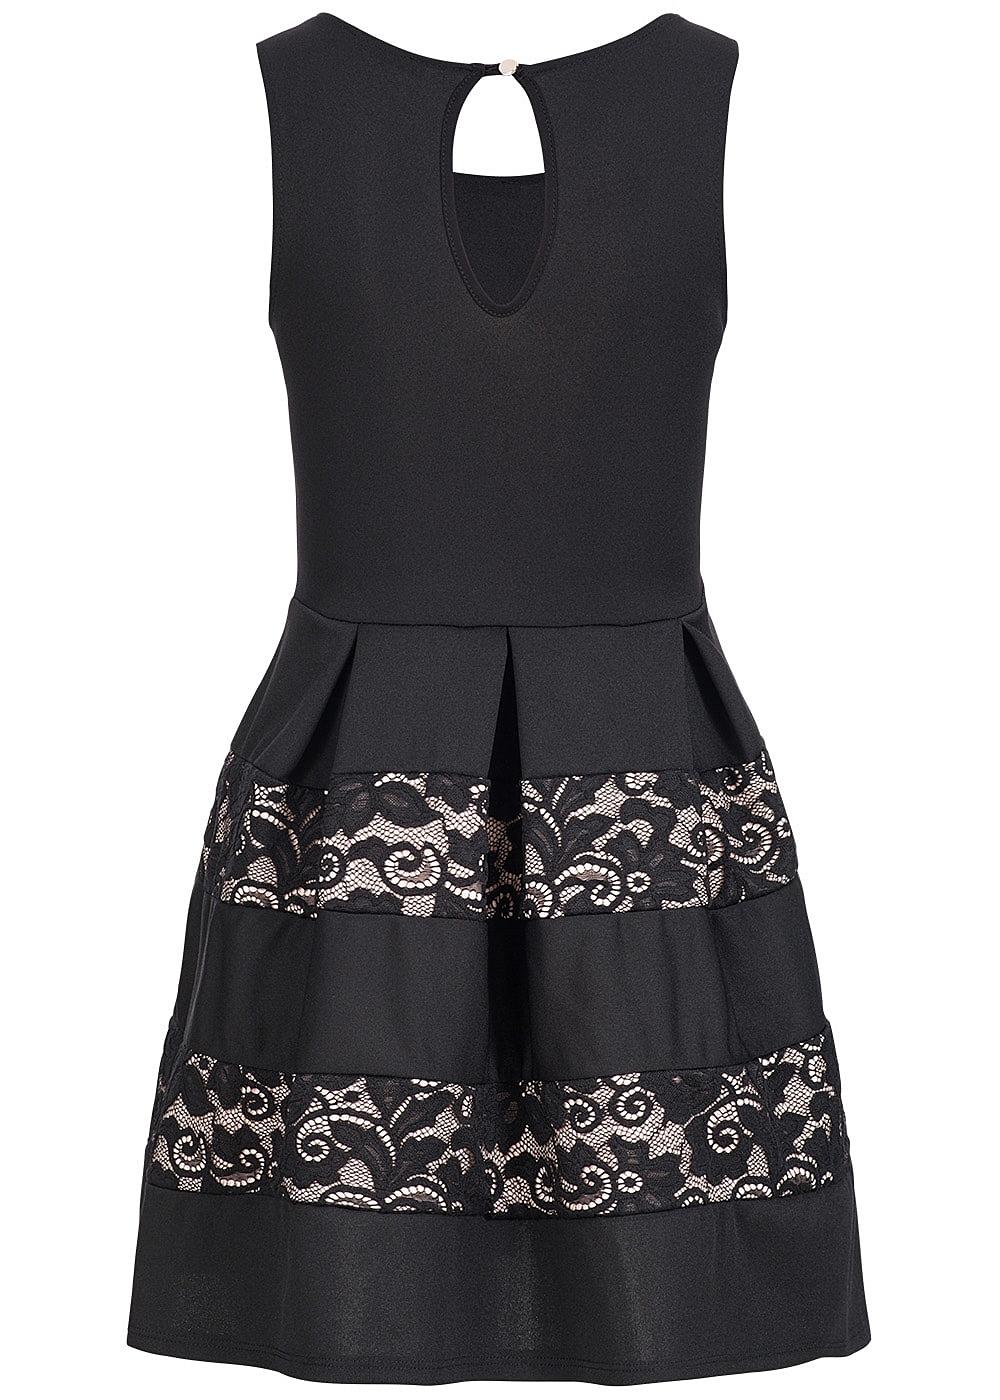 styleboom fashion damen mini kleid weit ausgestellt unten spitze schwarz rosa 77onlineshop. Black Bedroom Furniture Sets. Home Design Ideas